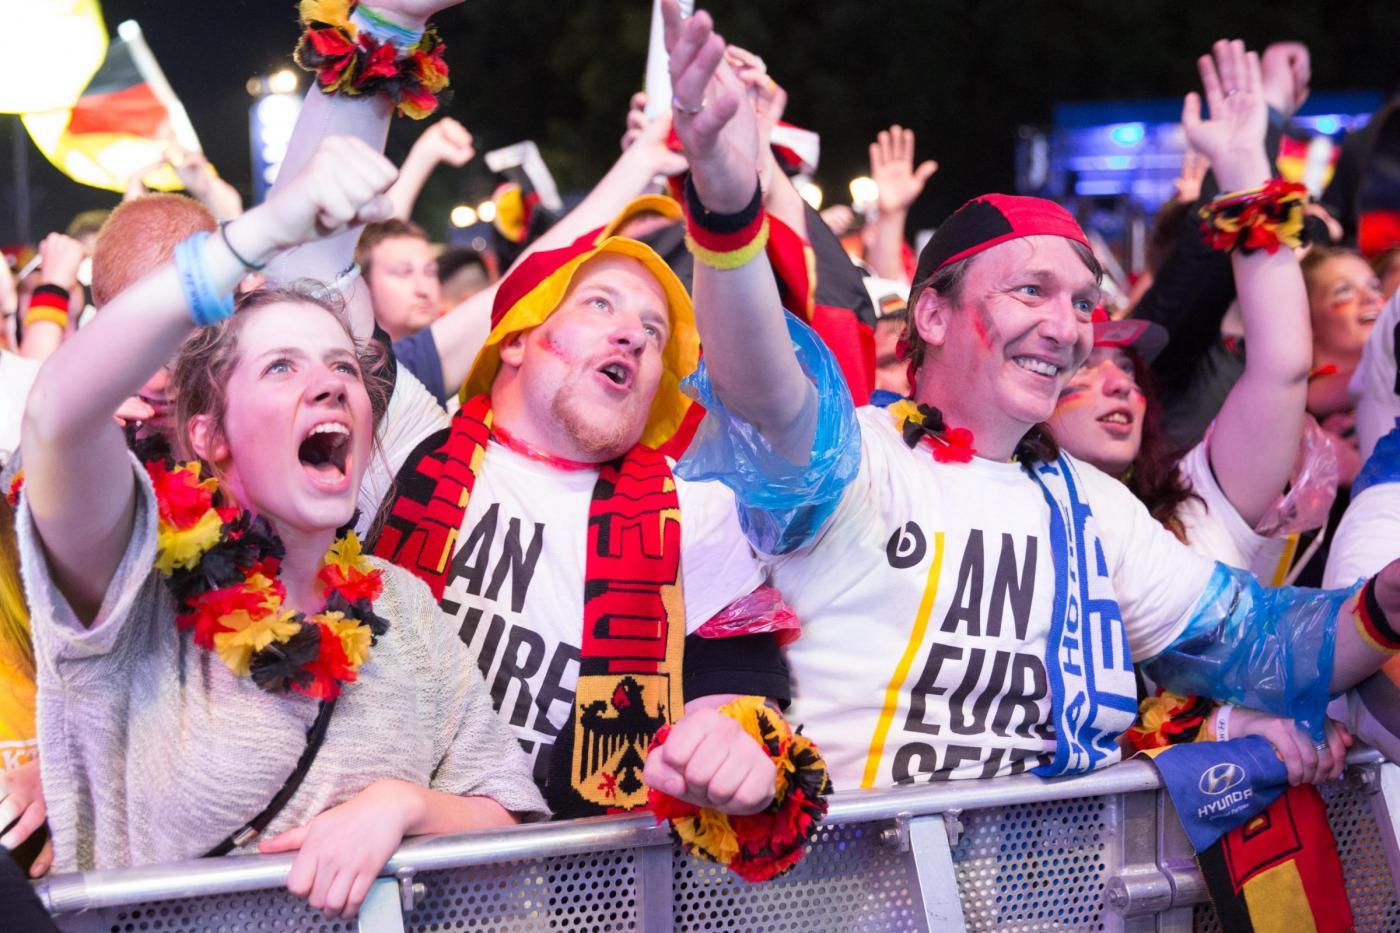 Germania 3. Liga, Fortuna Colonia-Aalen 22 marzo: analisi e pronostico della giornata della terza divisione calcistica tedesca